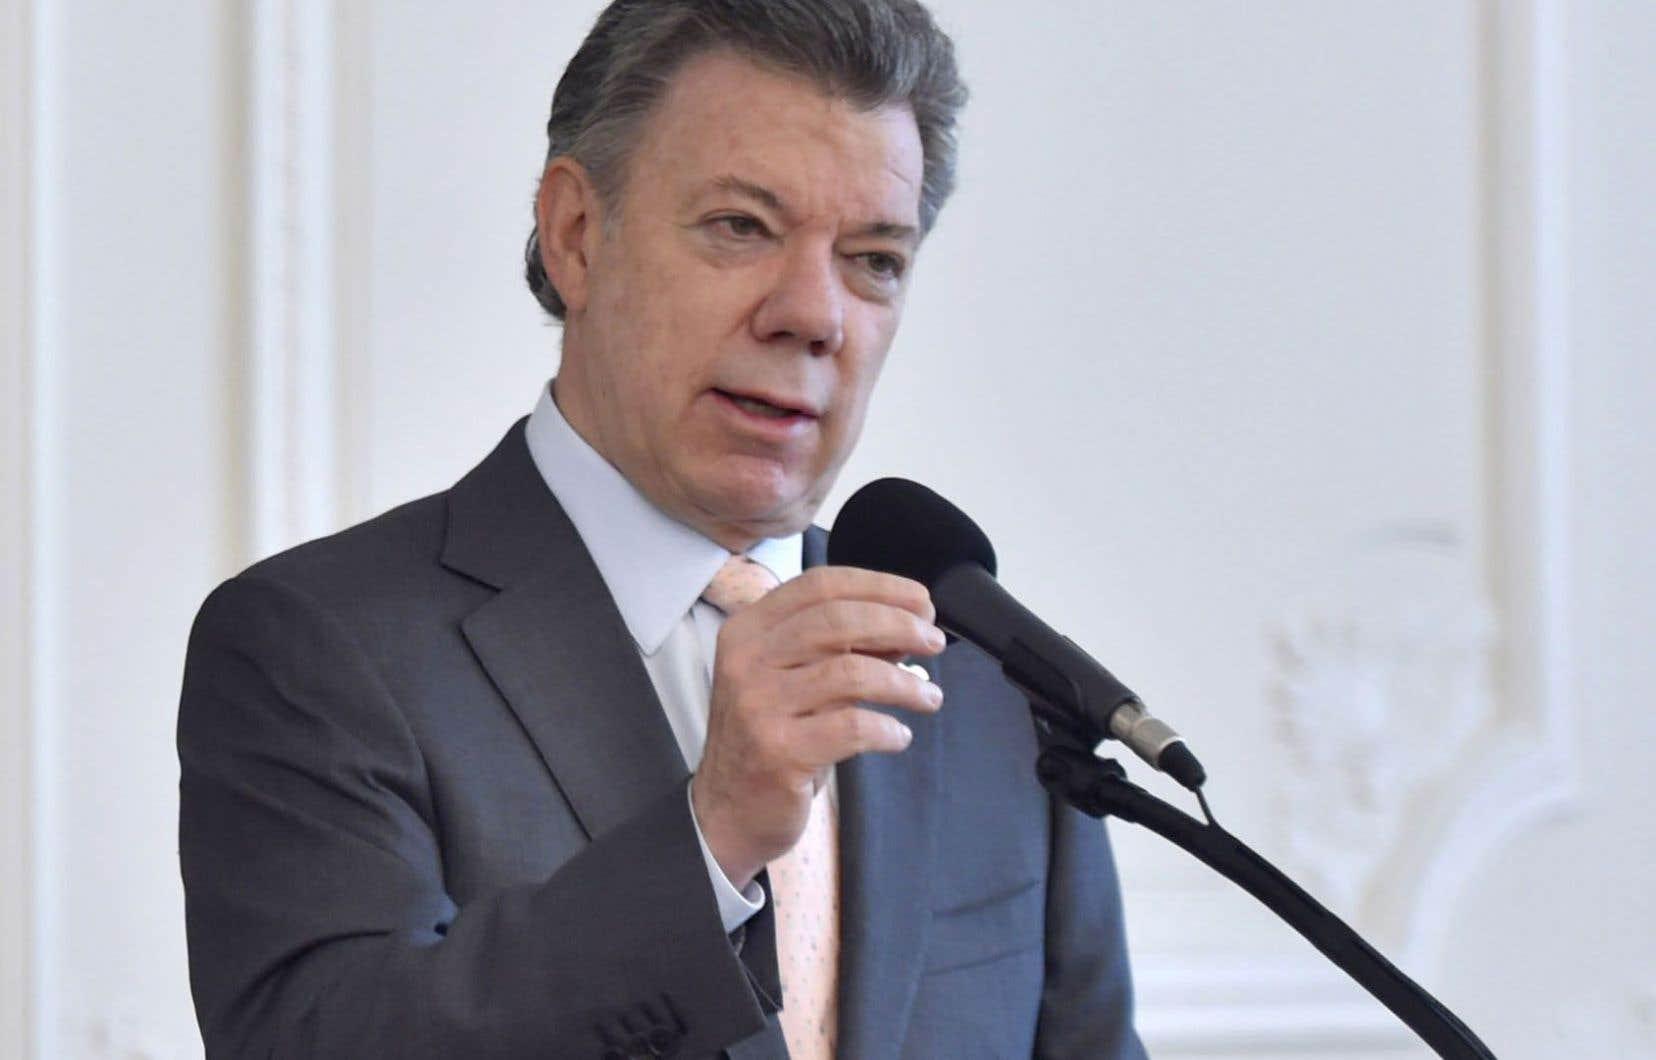 La proposition de cessez-le-feu du président Juan Manuel Santos envers les FARC intervient après son annonce d'un renforcement des opérations contre l'Armée de libération nationale.